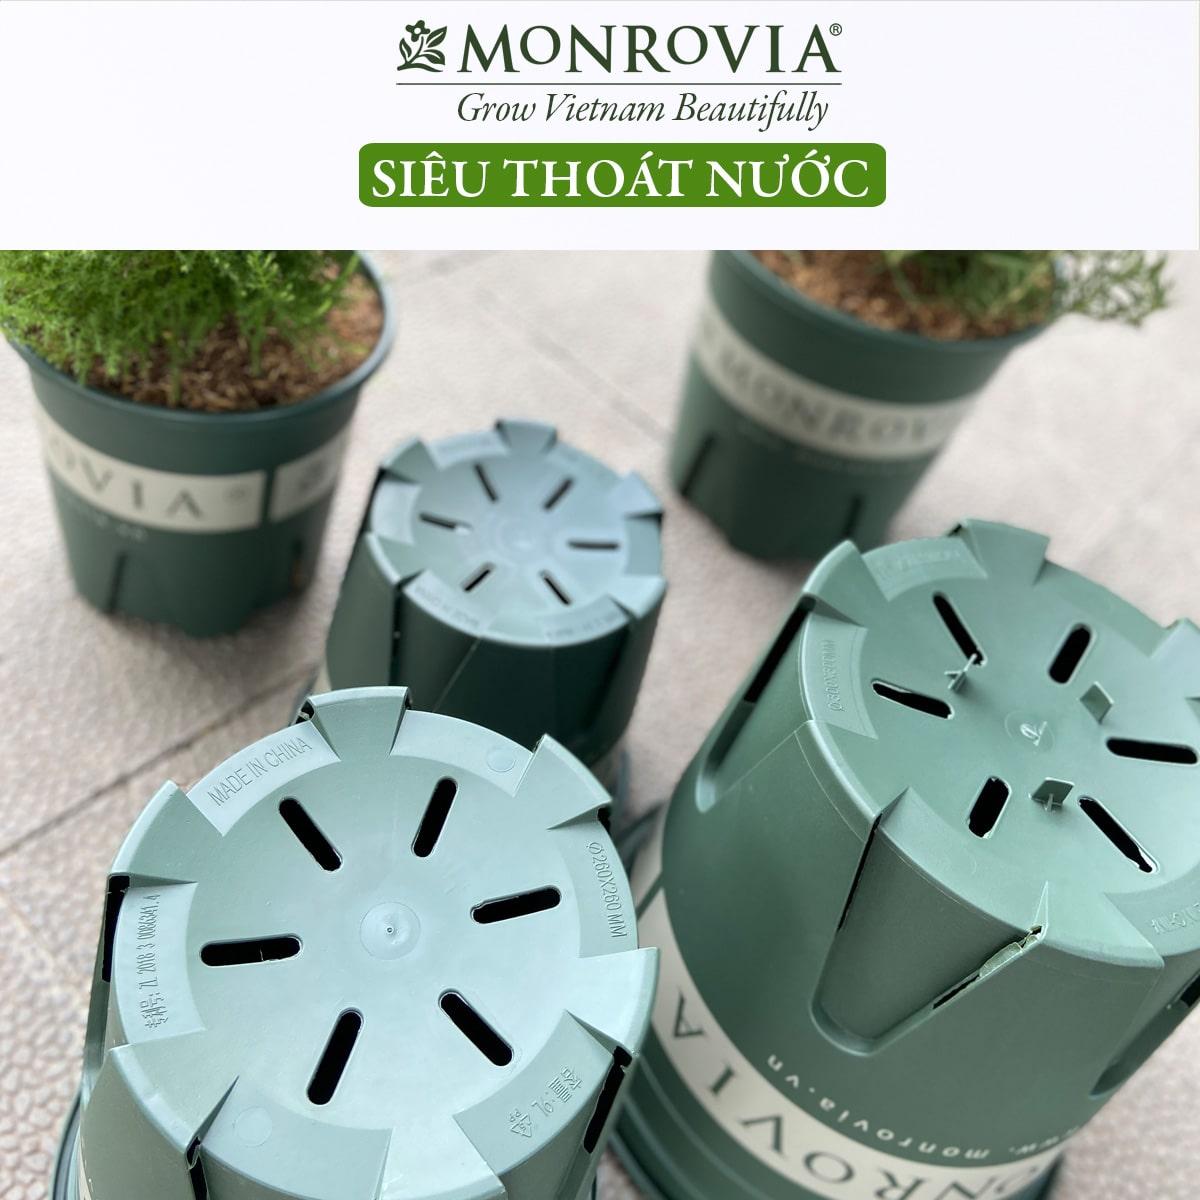 Chậu nhựa trồng cây Monrovia, chậu trồng cây, chậu cây cảnh mini, để bàn, treo ban công, treo tường, cao cấp, m-serries